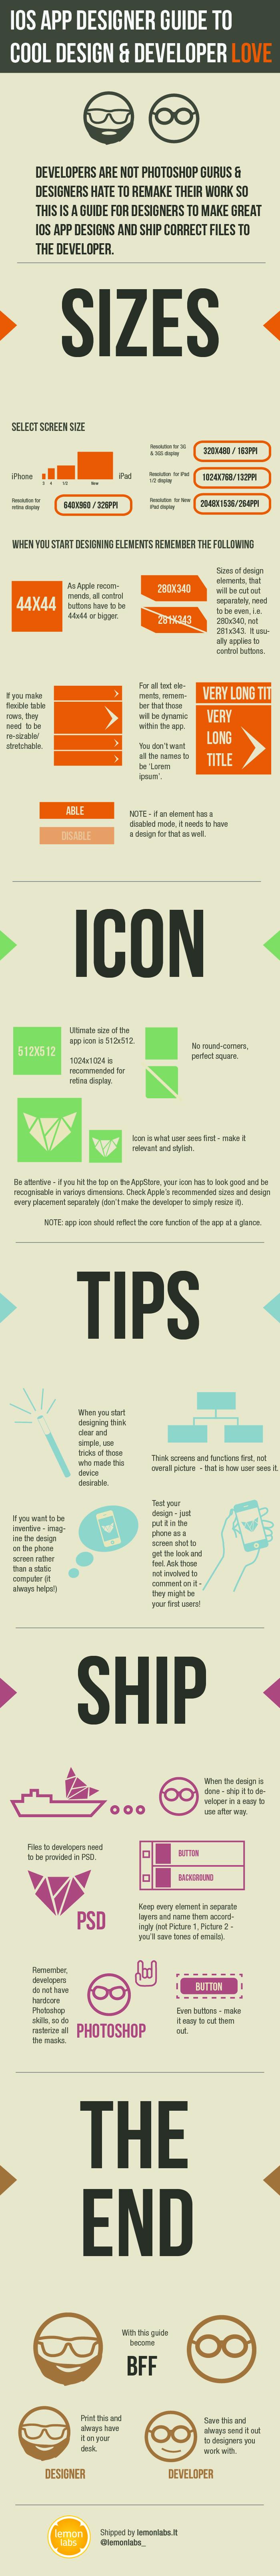 Guía para diseñar APPs para IOS